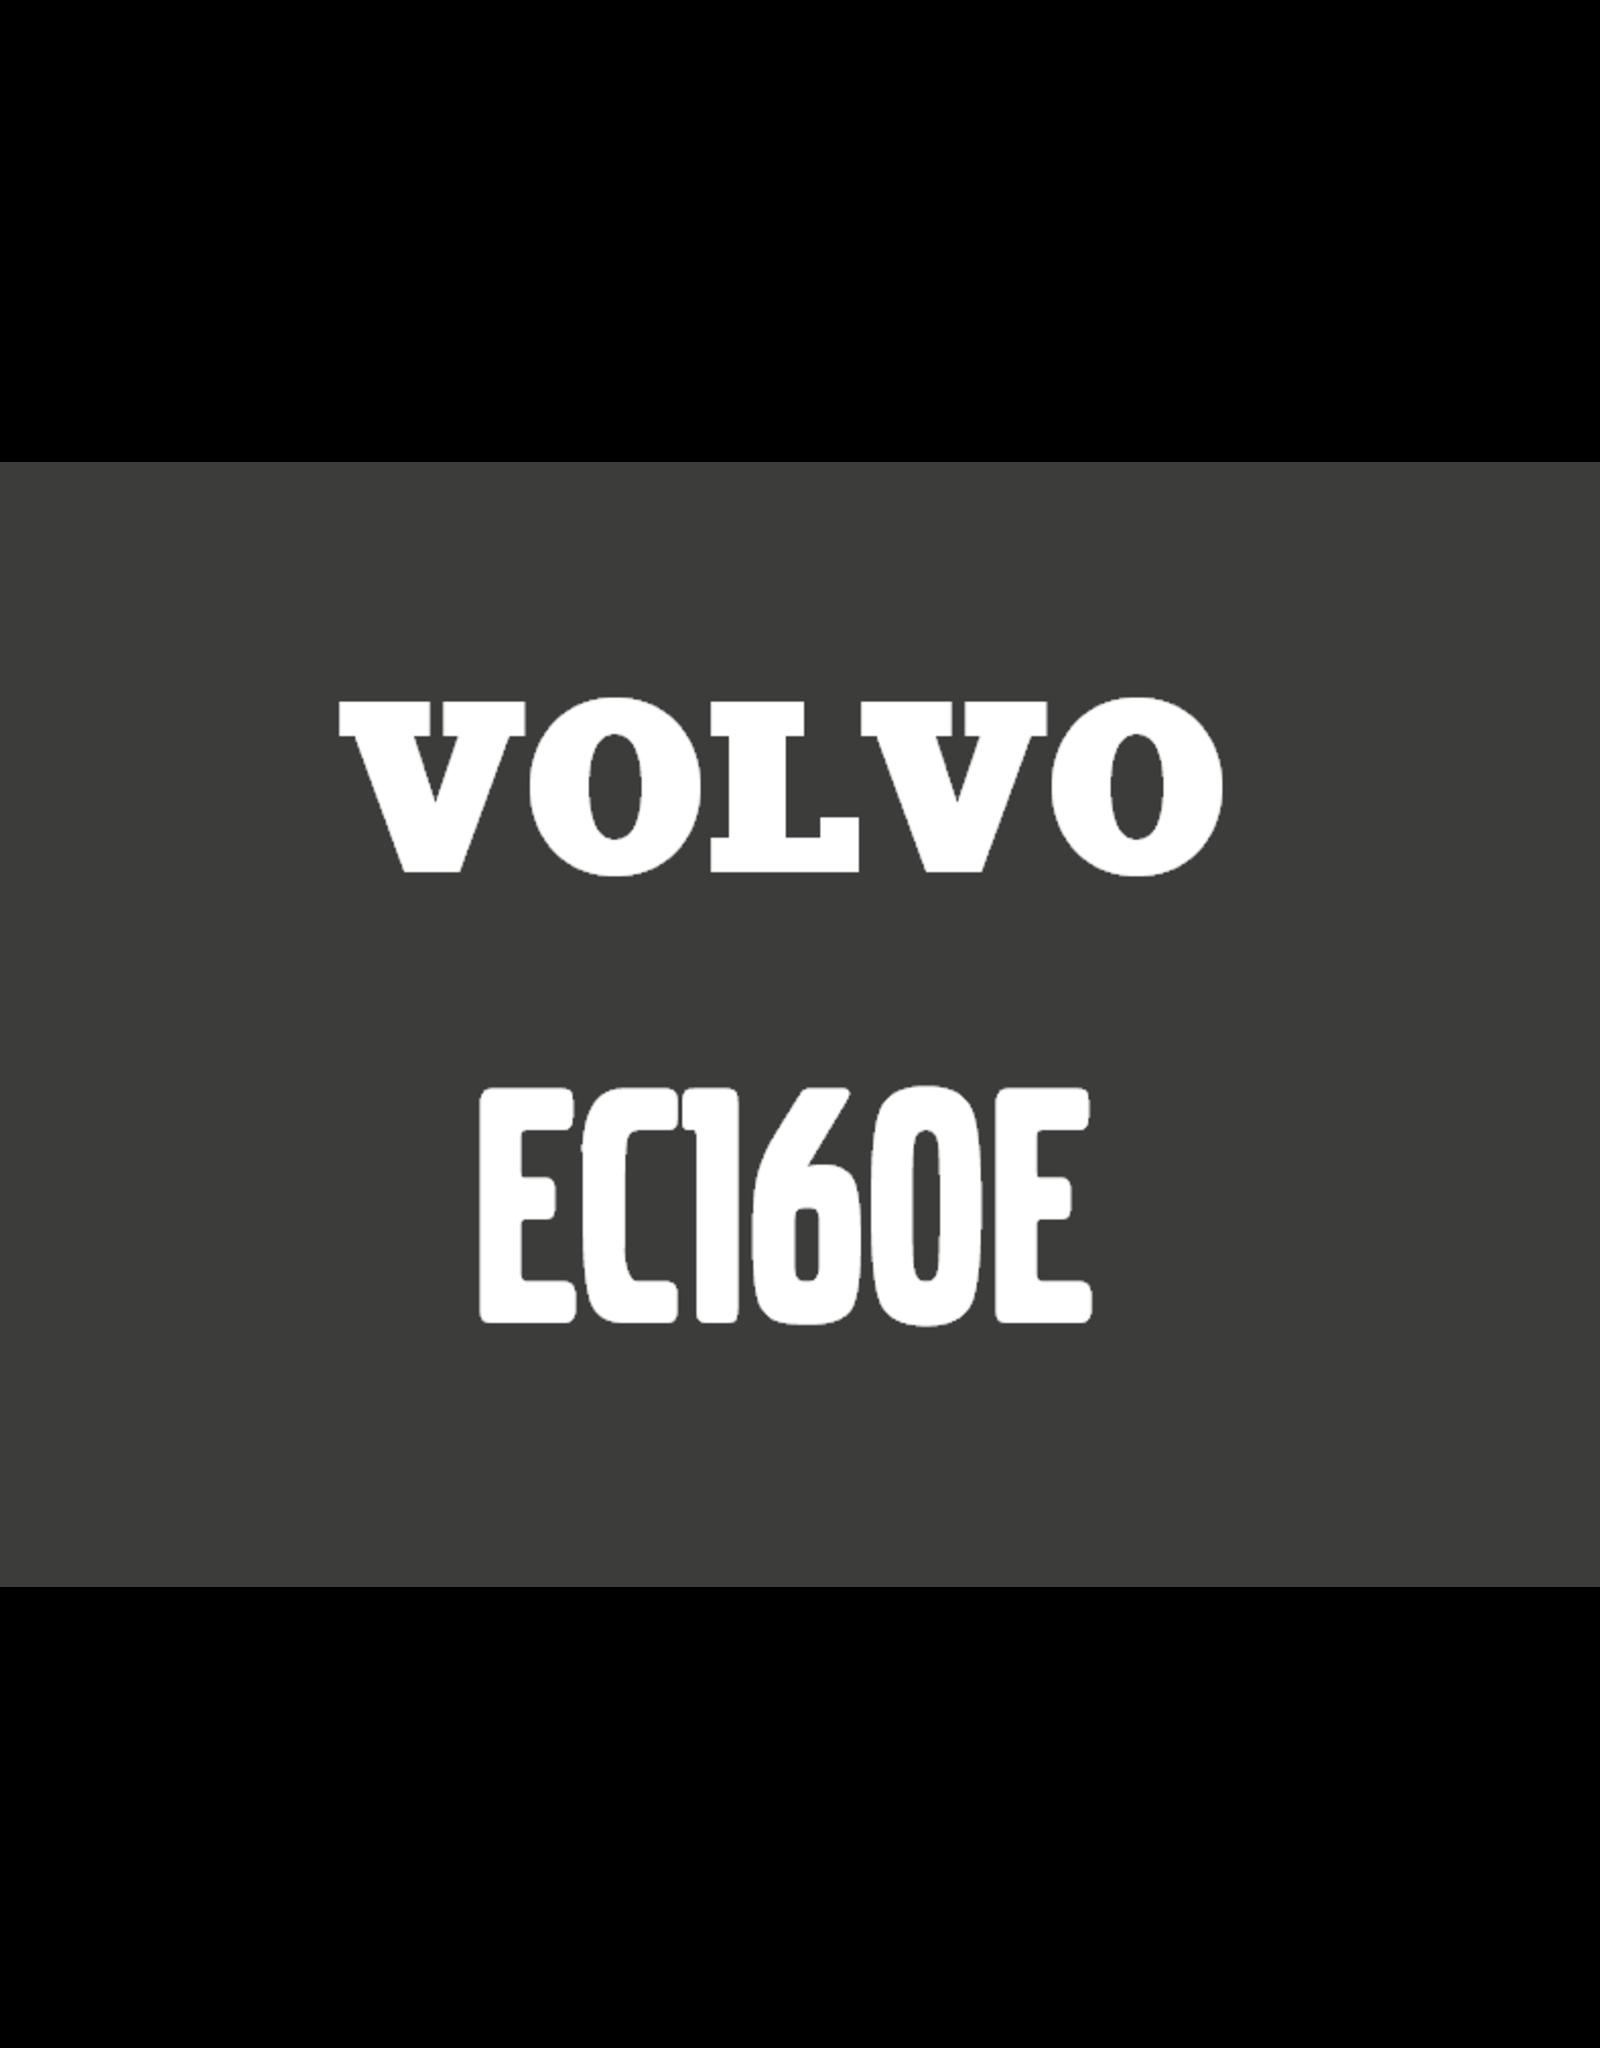 Echle Hartstahl GmbH FOPS pour Volvo EC160E